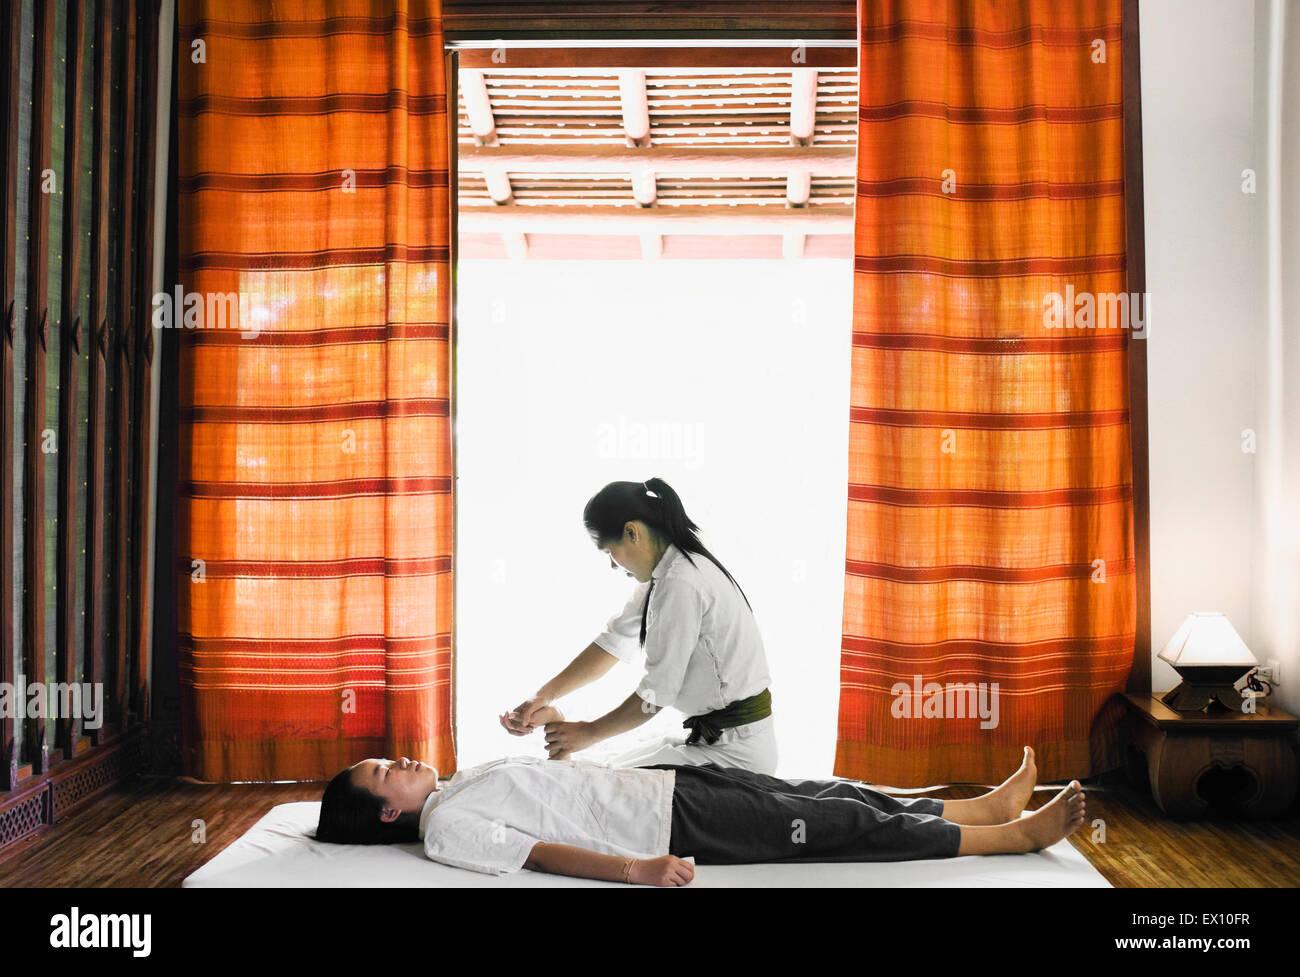 Sip Sen, or traditional Lao Massage at The Spa at La Residence Phou Vao, Luang Prabang, Laos. - Stock Image